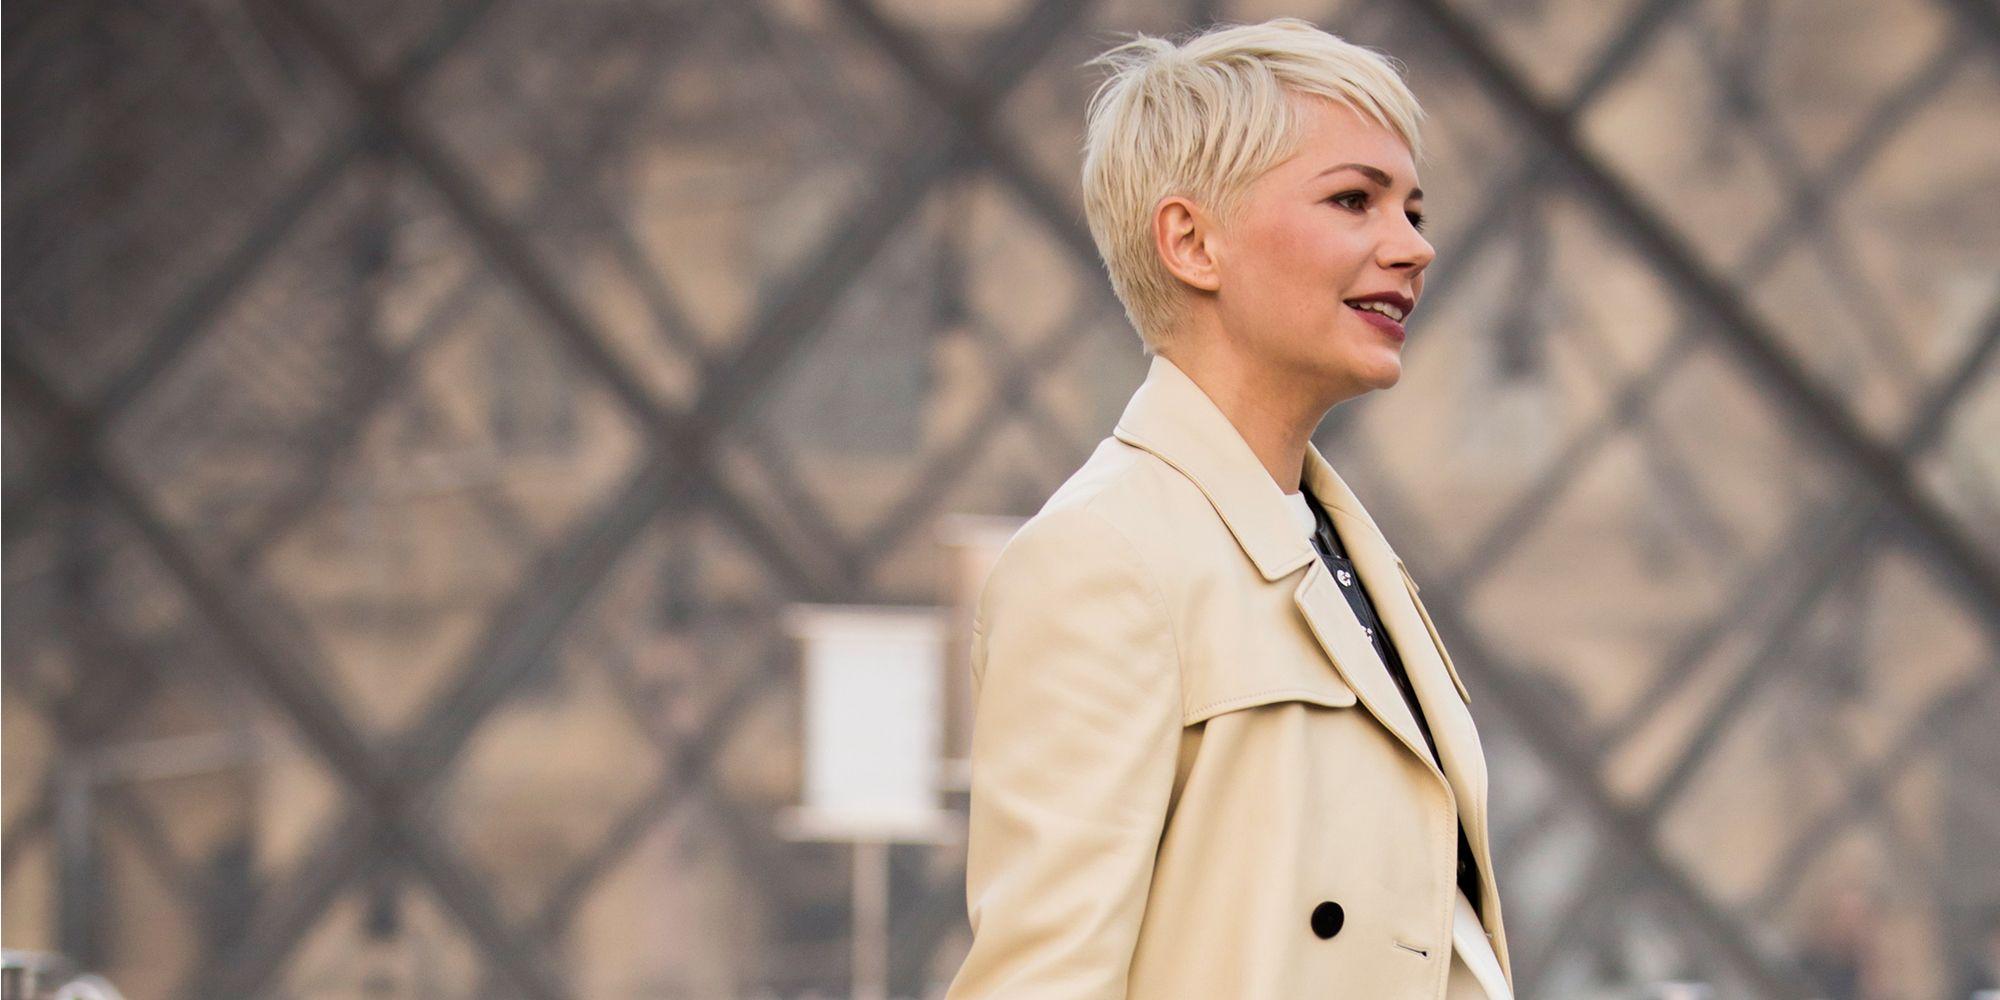 Donne di platino, il biondo è ancora protagonista delle tendenze colore capelli Primavera Estate 2019